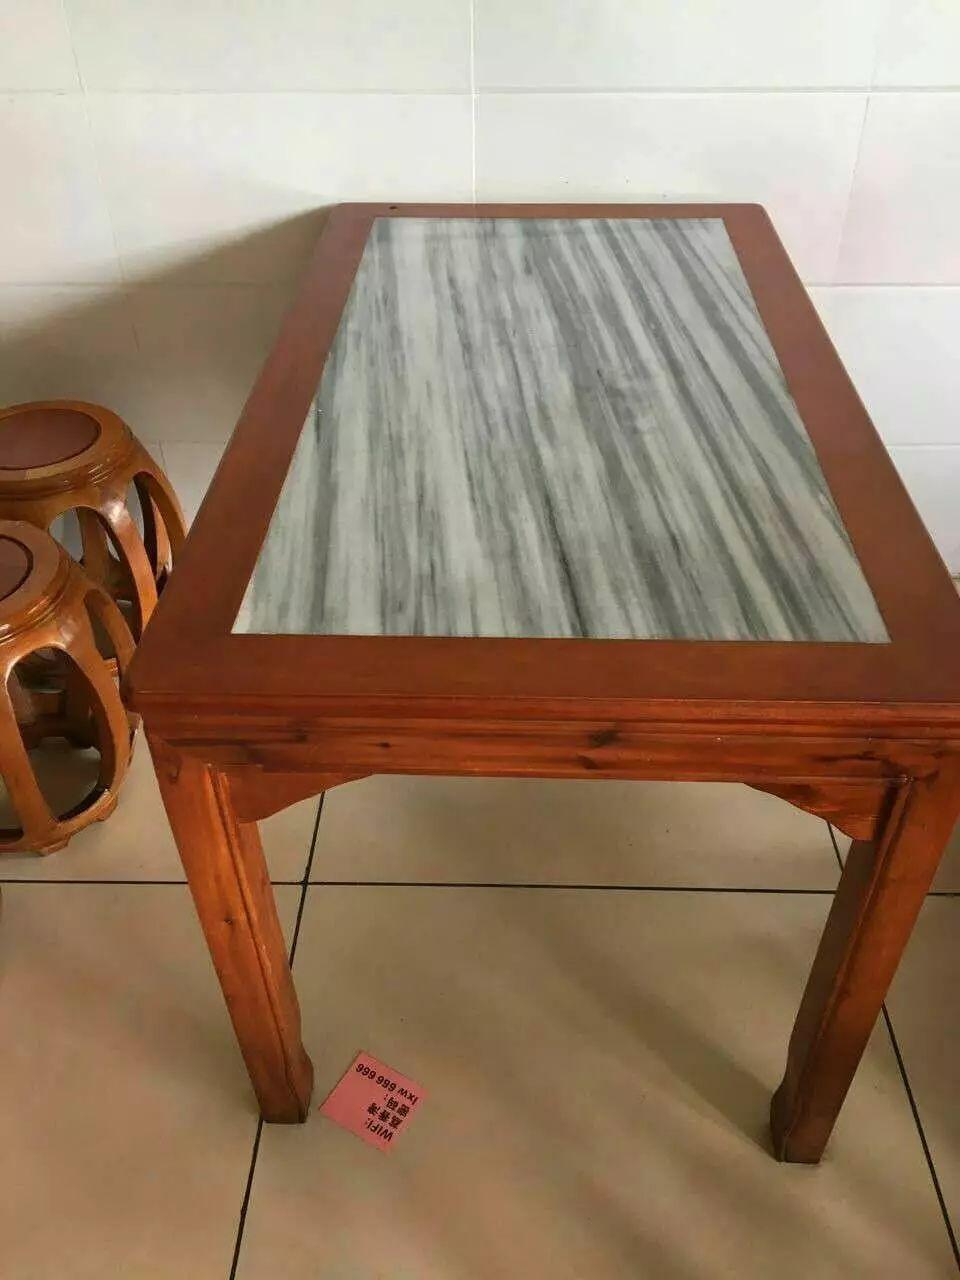 大理石餐桌椅 实木餐桌椅 超市货架 仓储货架 便宜转让